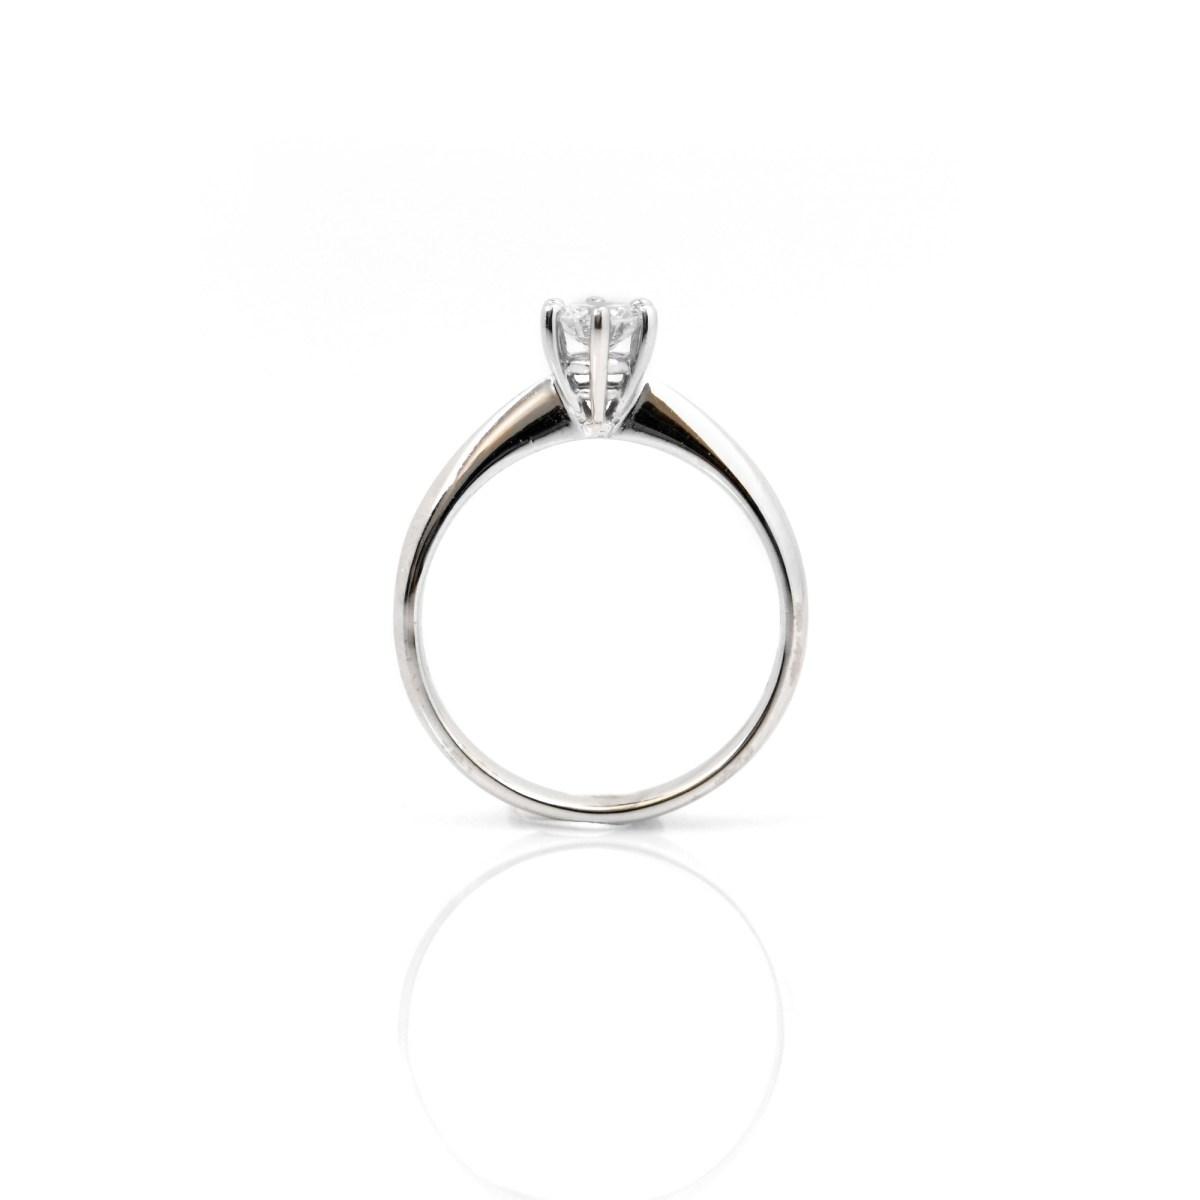 Bague Diamant Solitaire, monture Or blanc 750/1000e, serti 6 griffes, Taille 54   EVENOR Joaillerie • Bijoux Vintage et bijoux d'occasion